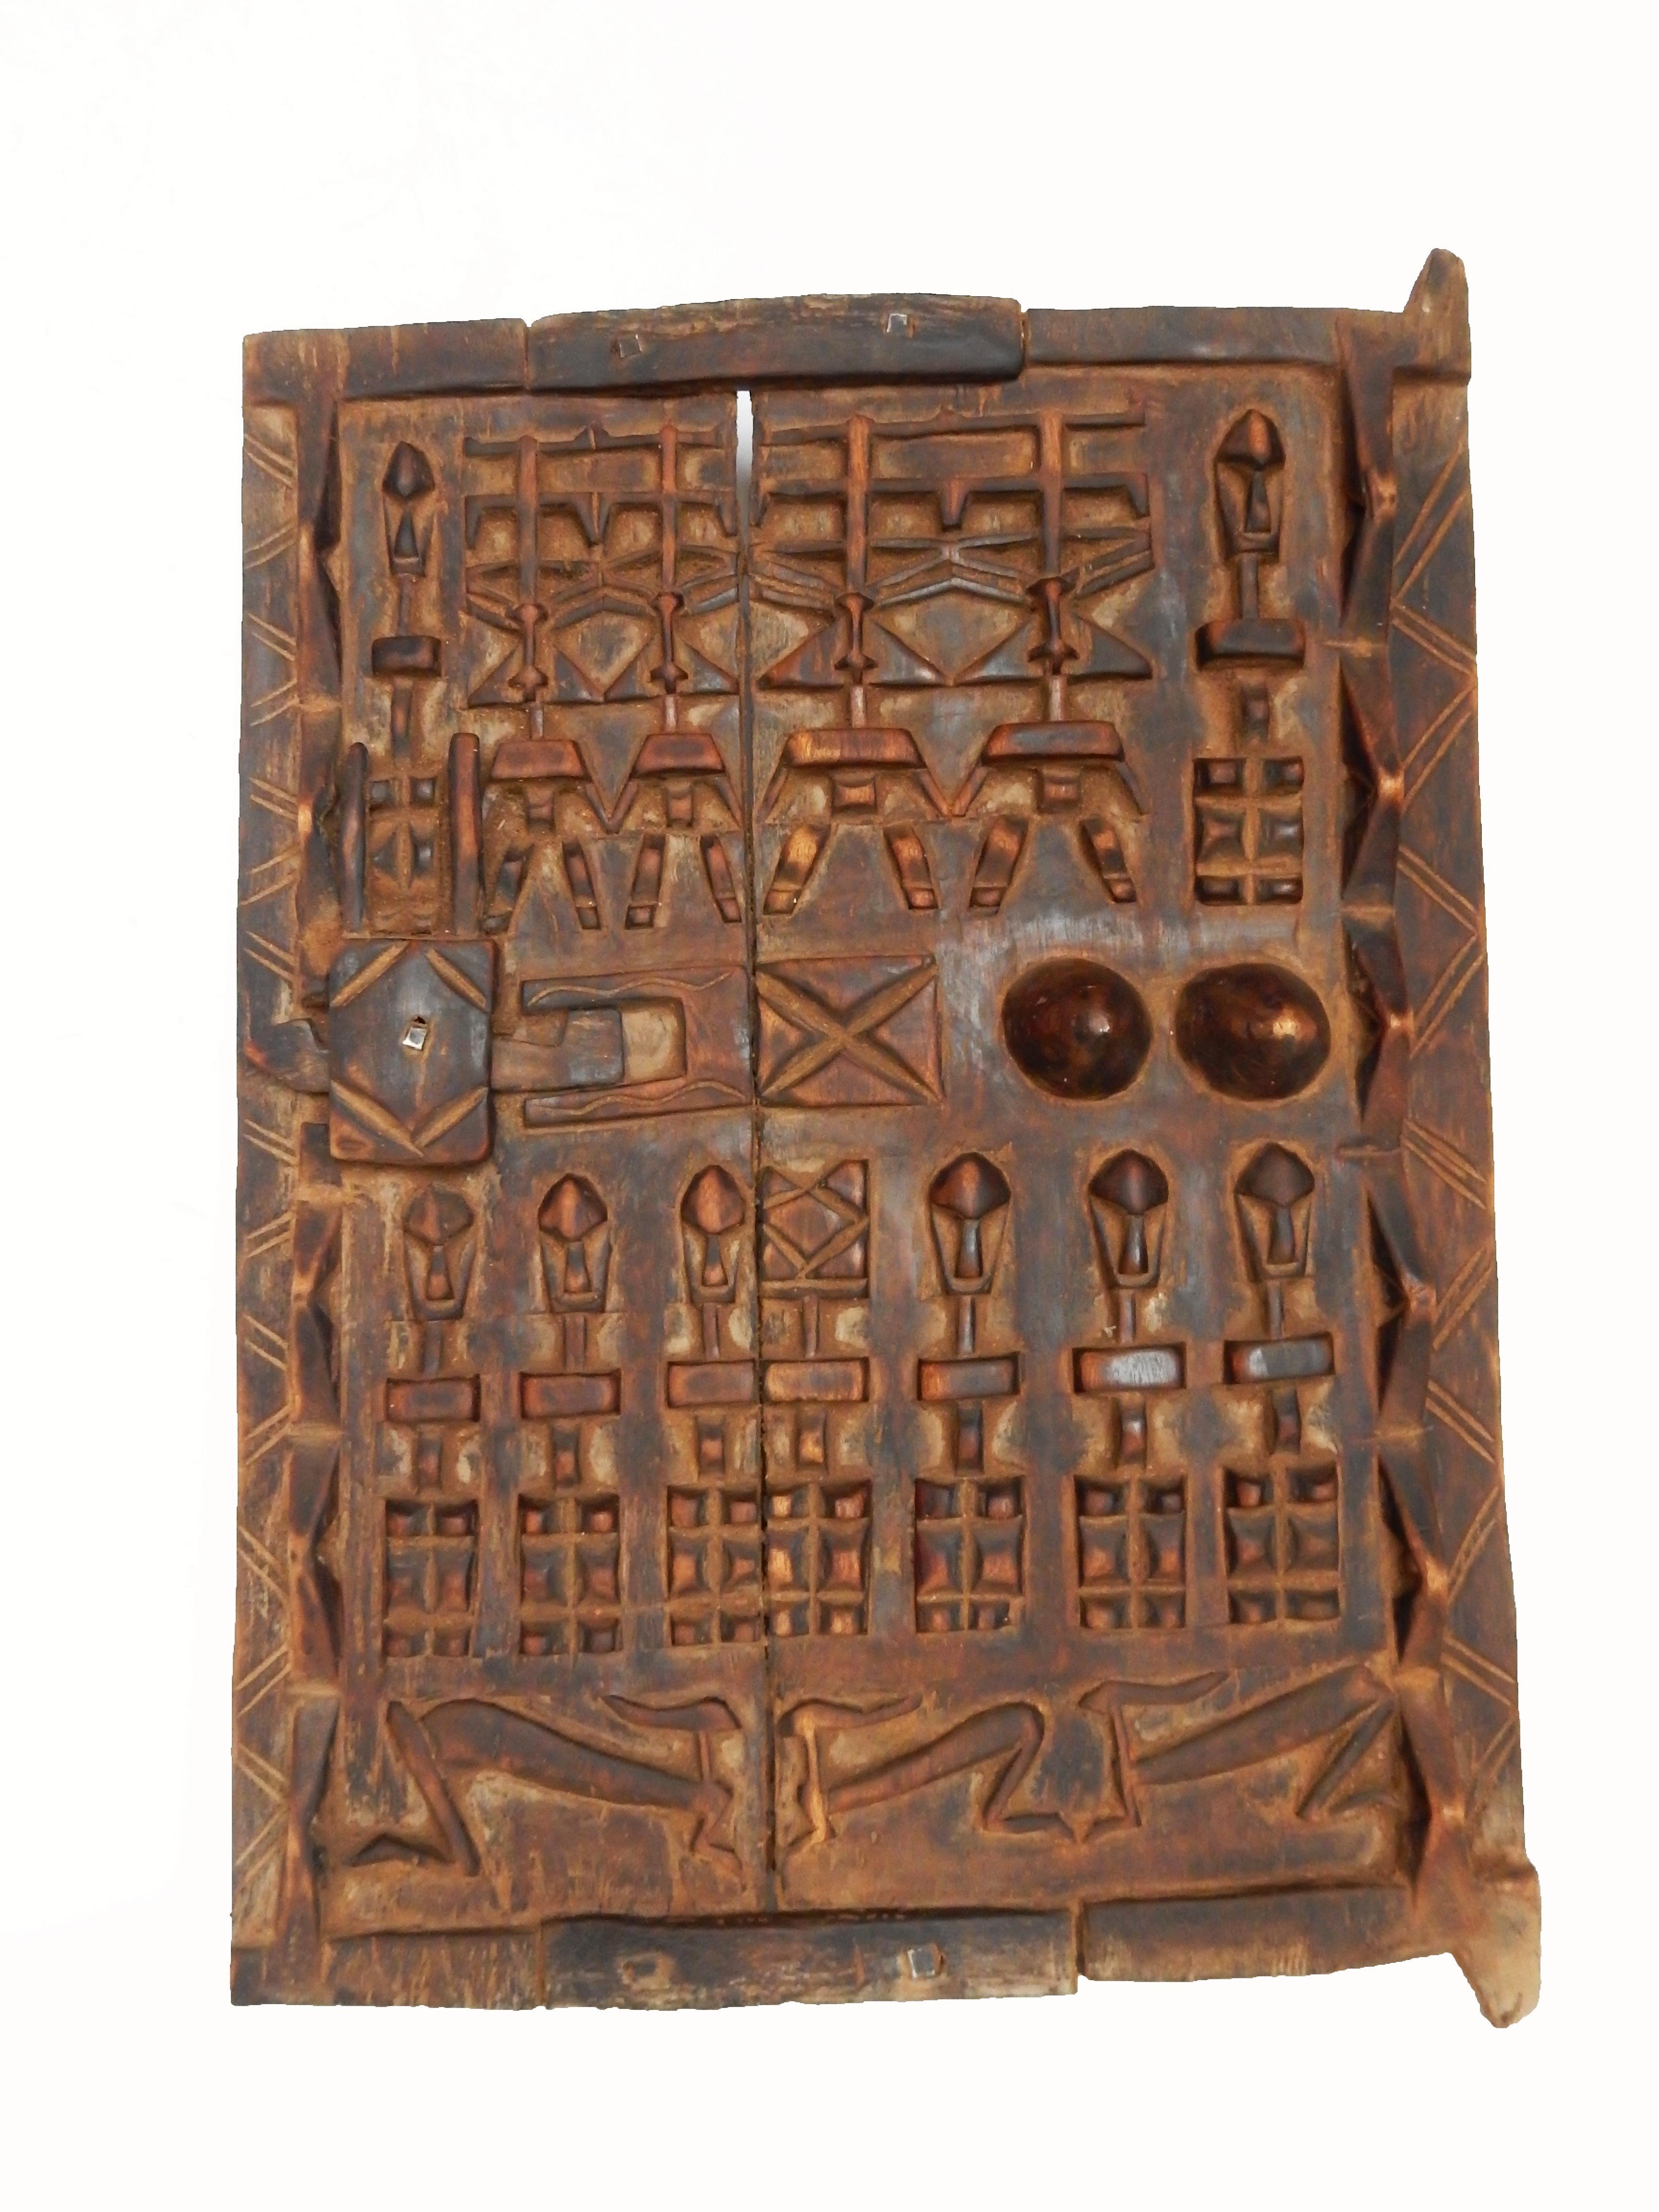 African Dogon Granary Door - Image 1 of 4  sc 1 st  Chairish & African Dogon Granary Door   Chairish